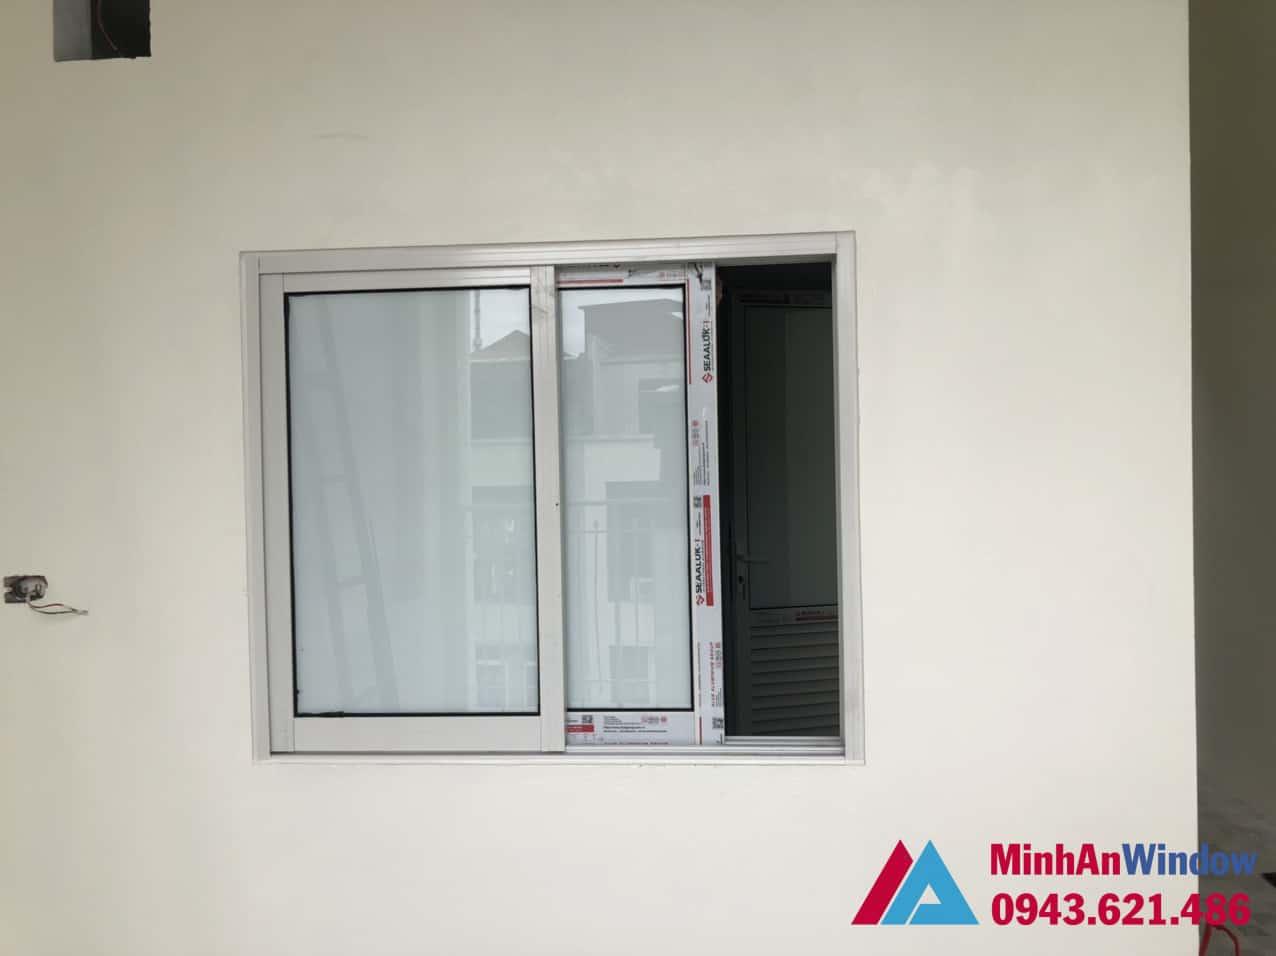 Mẫu cửa sổ nhôm kính 2 cánh xếp trượt Minh An Window lắp đặt cho khách hàng tại Phú Thọ